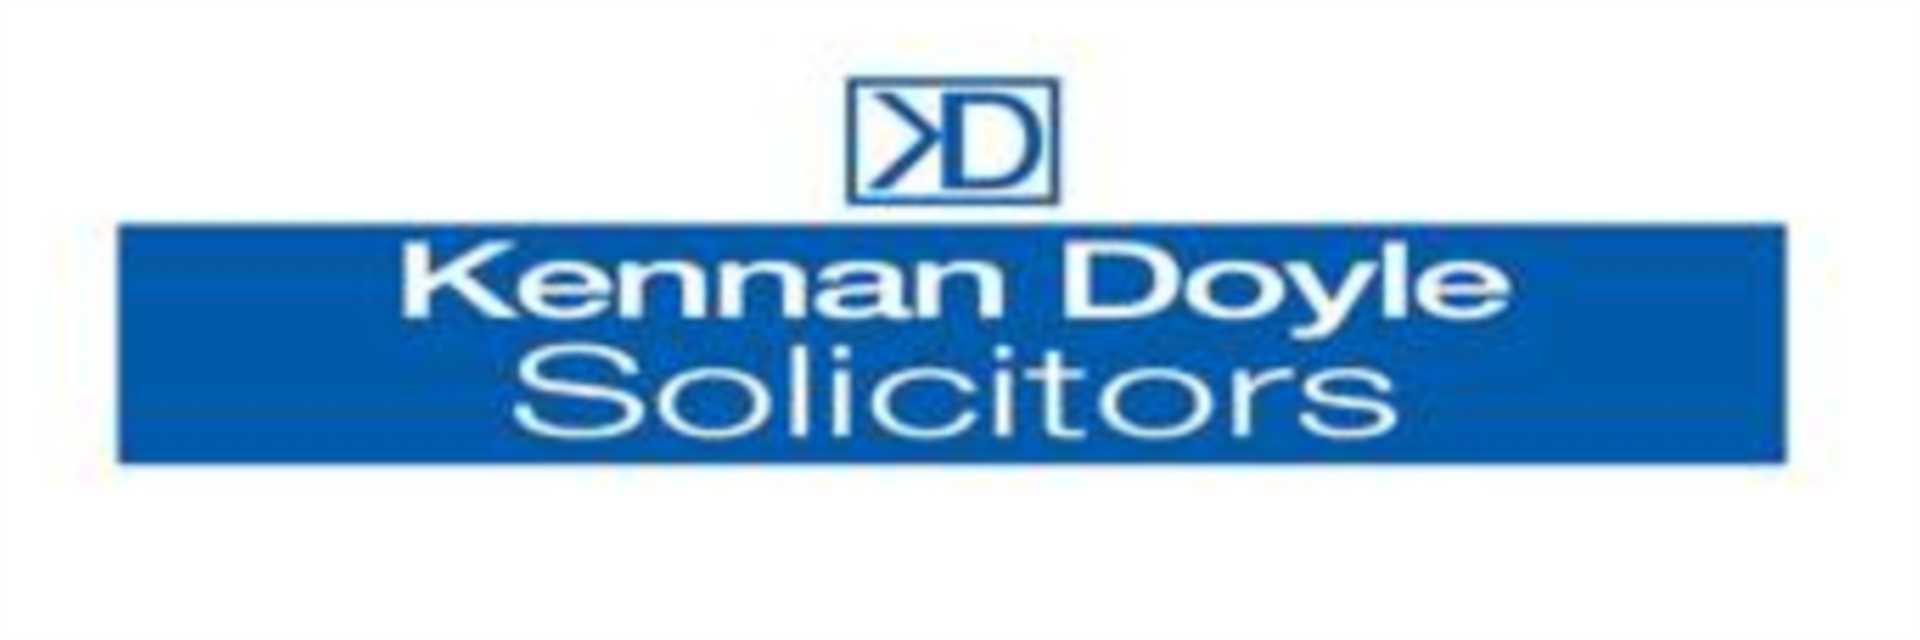 Company Spotlight - Kennan Doyle